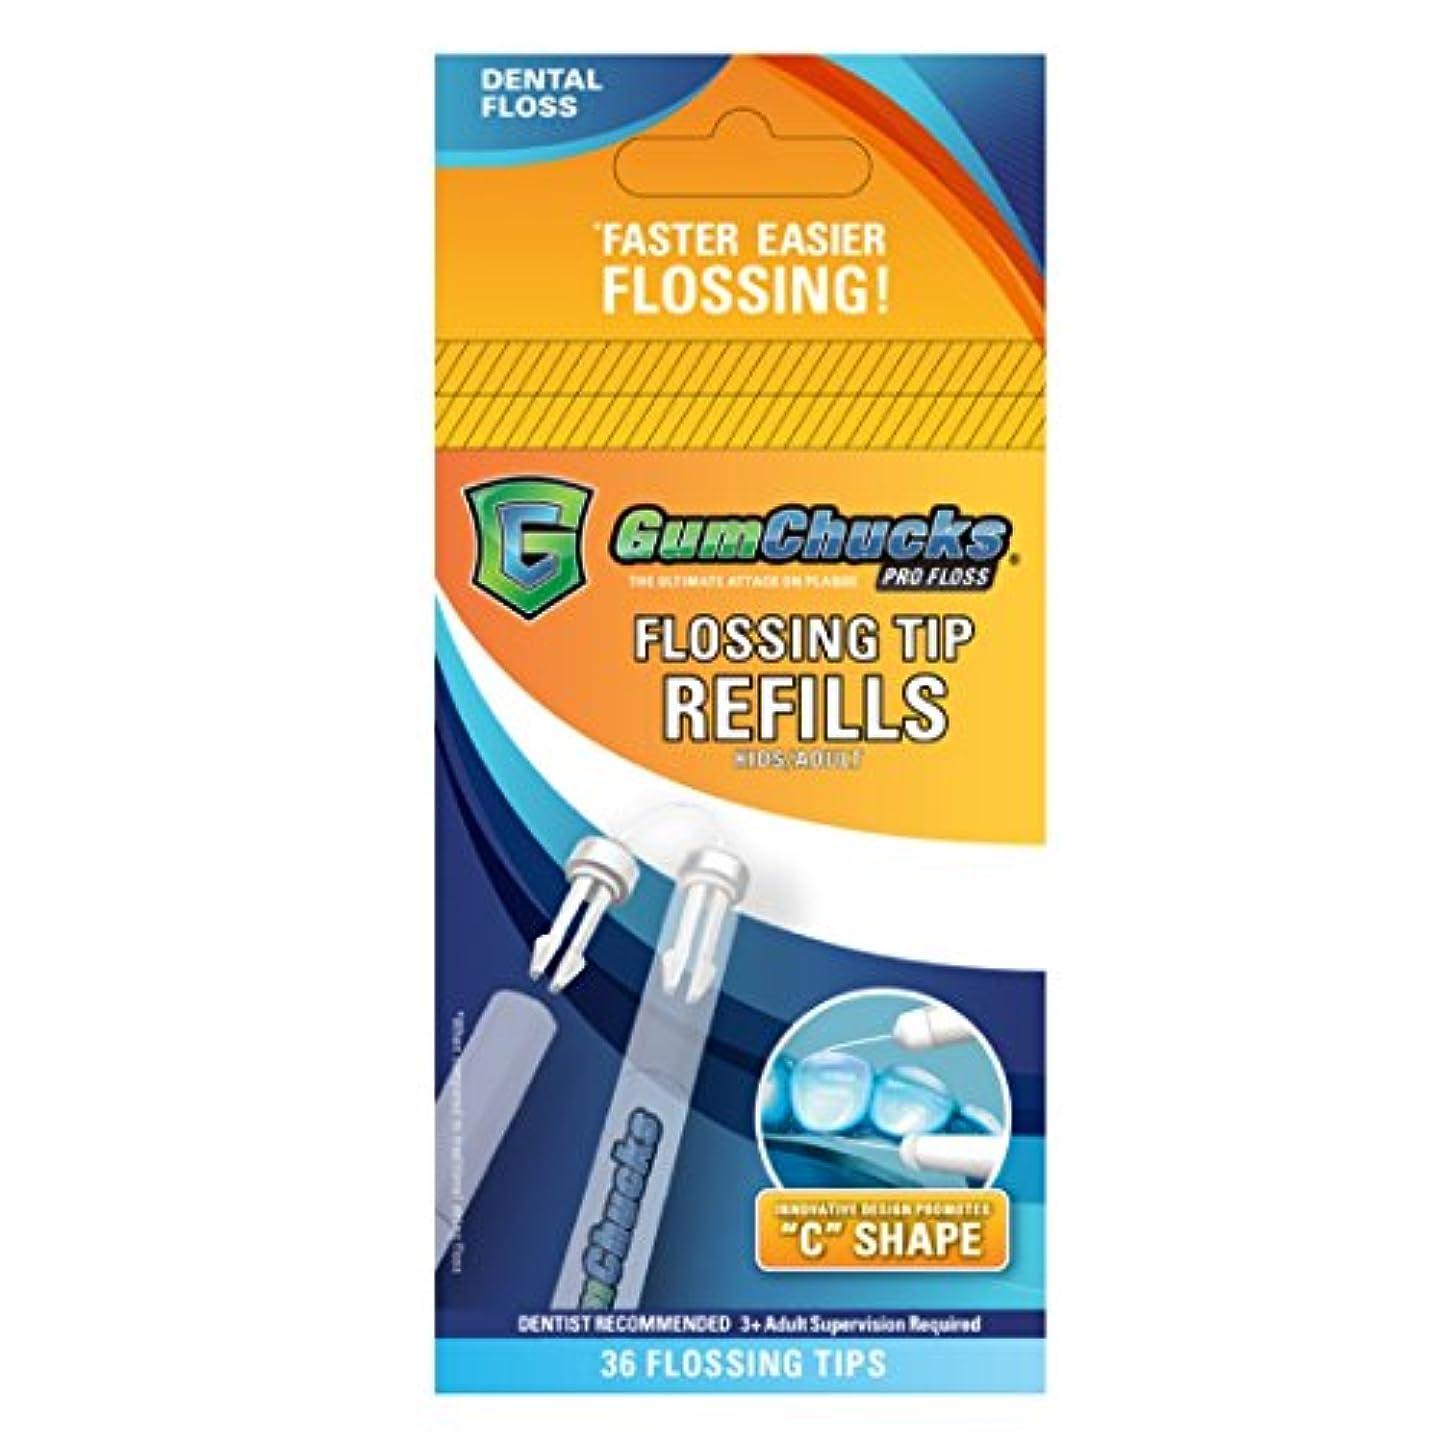 マイコンフィードバック蒸し器クロスフィールド ガムチャックス リフィルパック 36本入 × 1個 フロス/歯間清掃